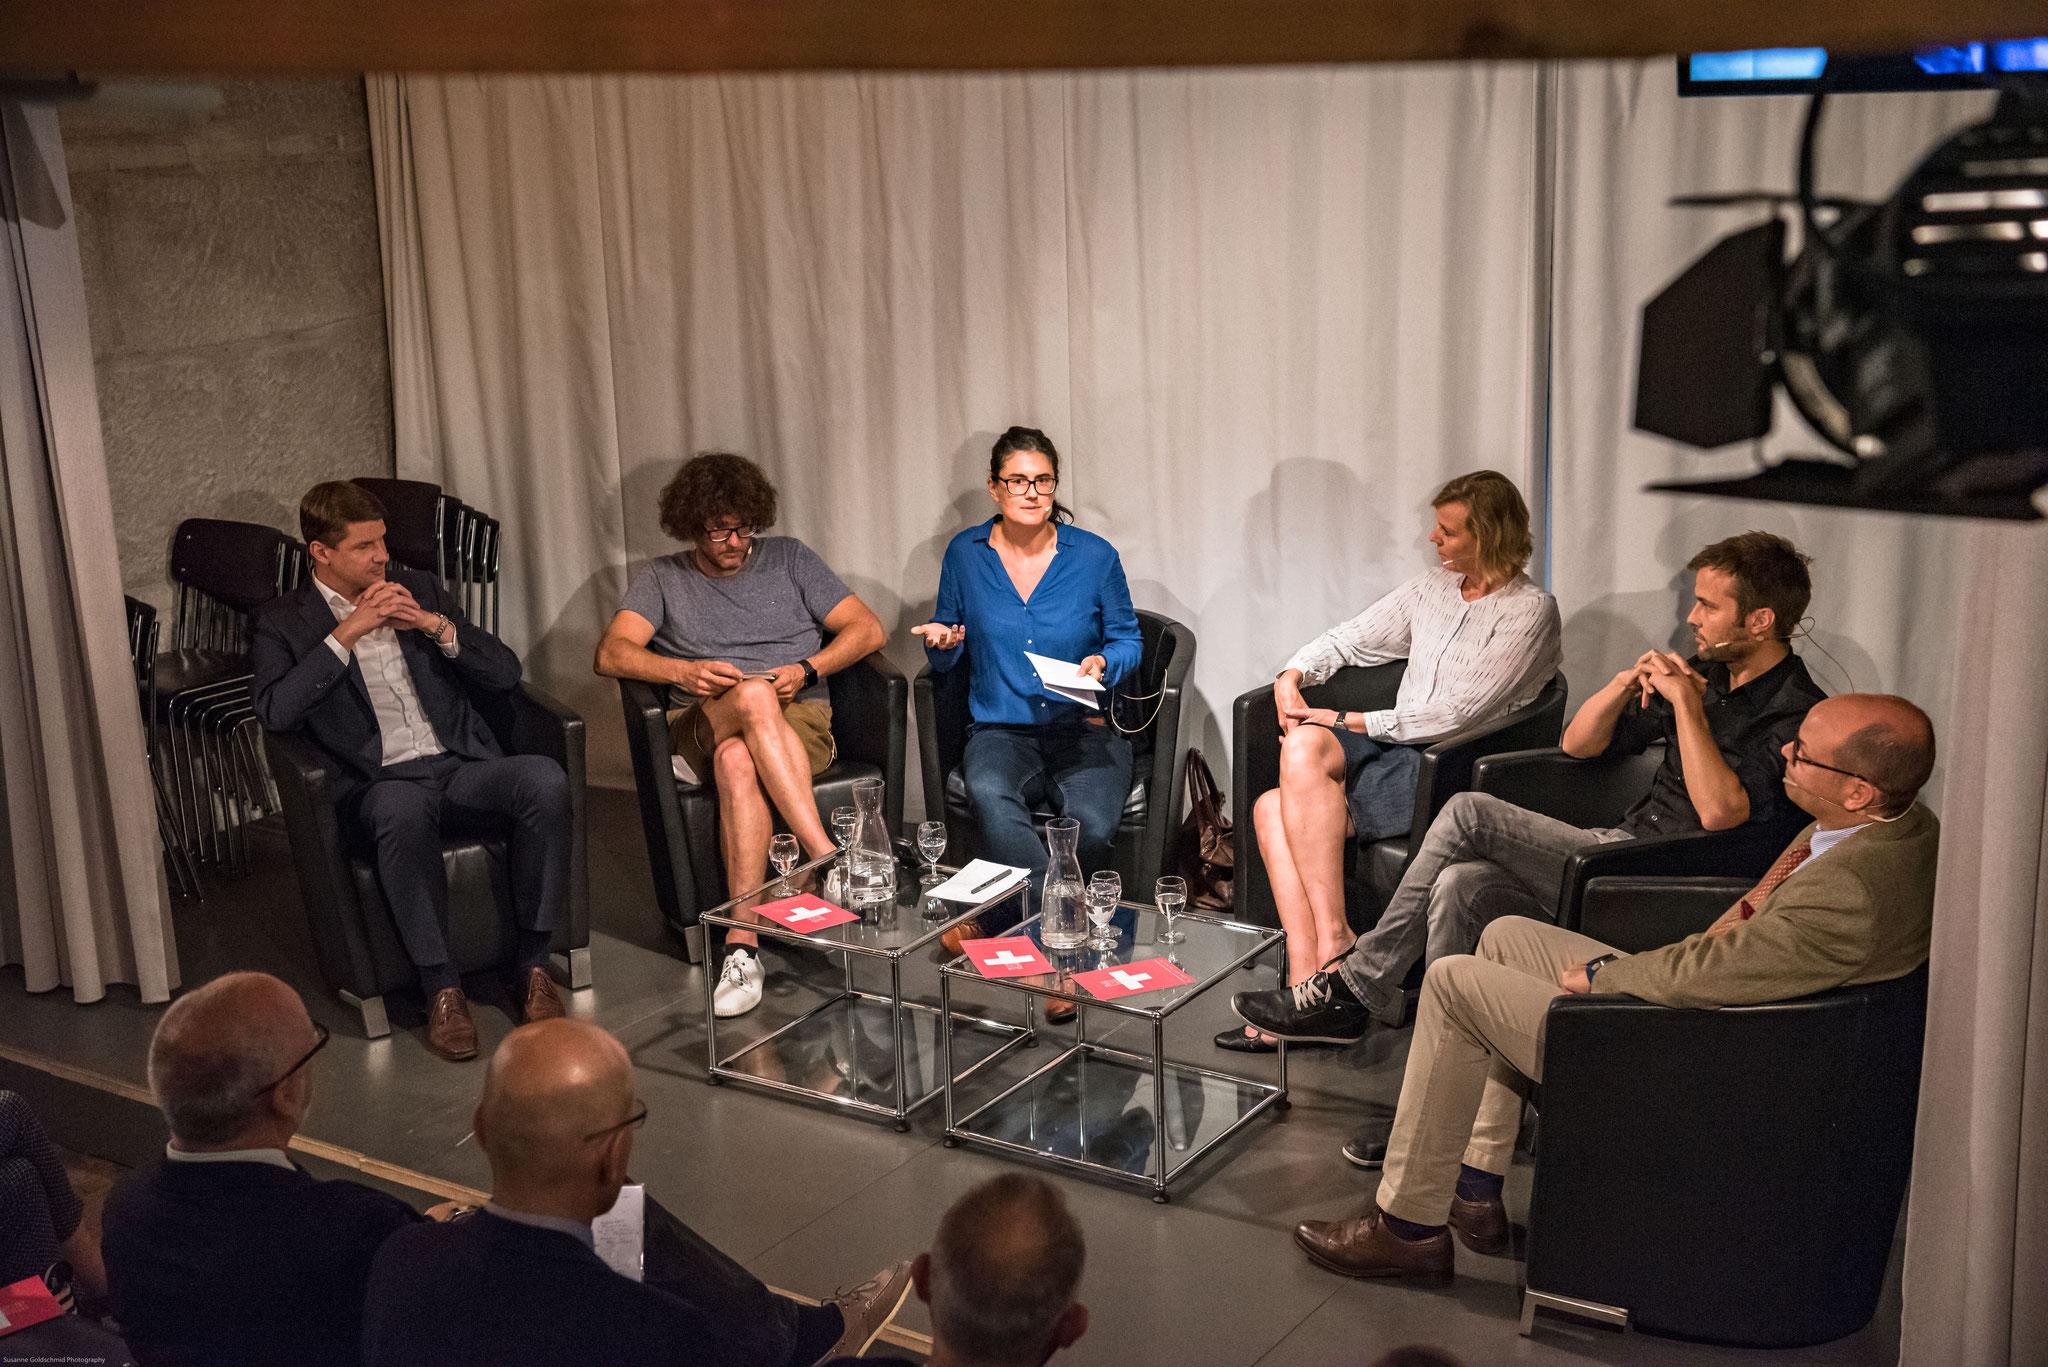 Podiumsdiskussion: Persönliches Engagement oder Spenden?